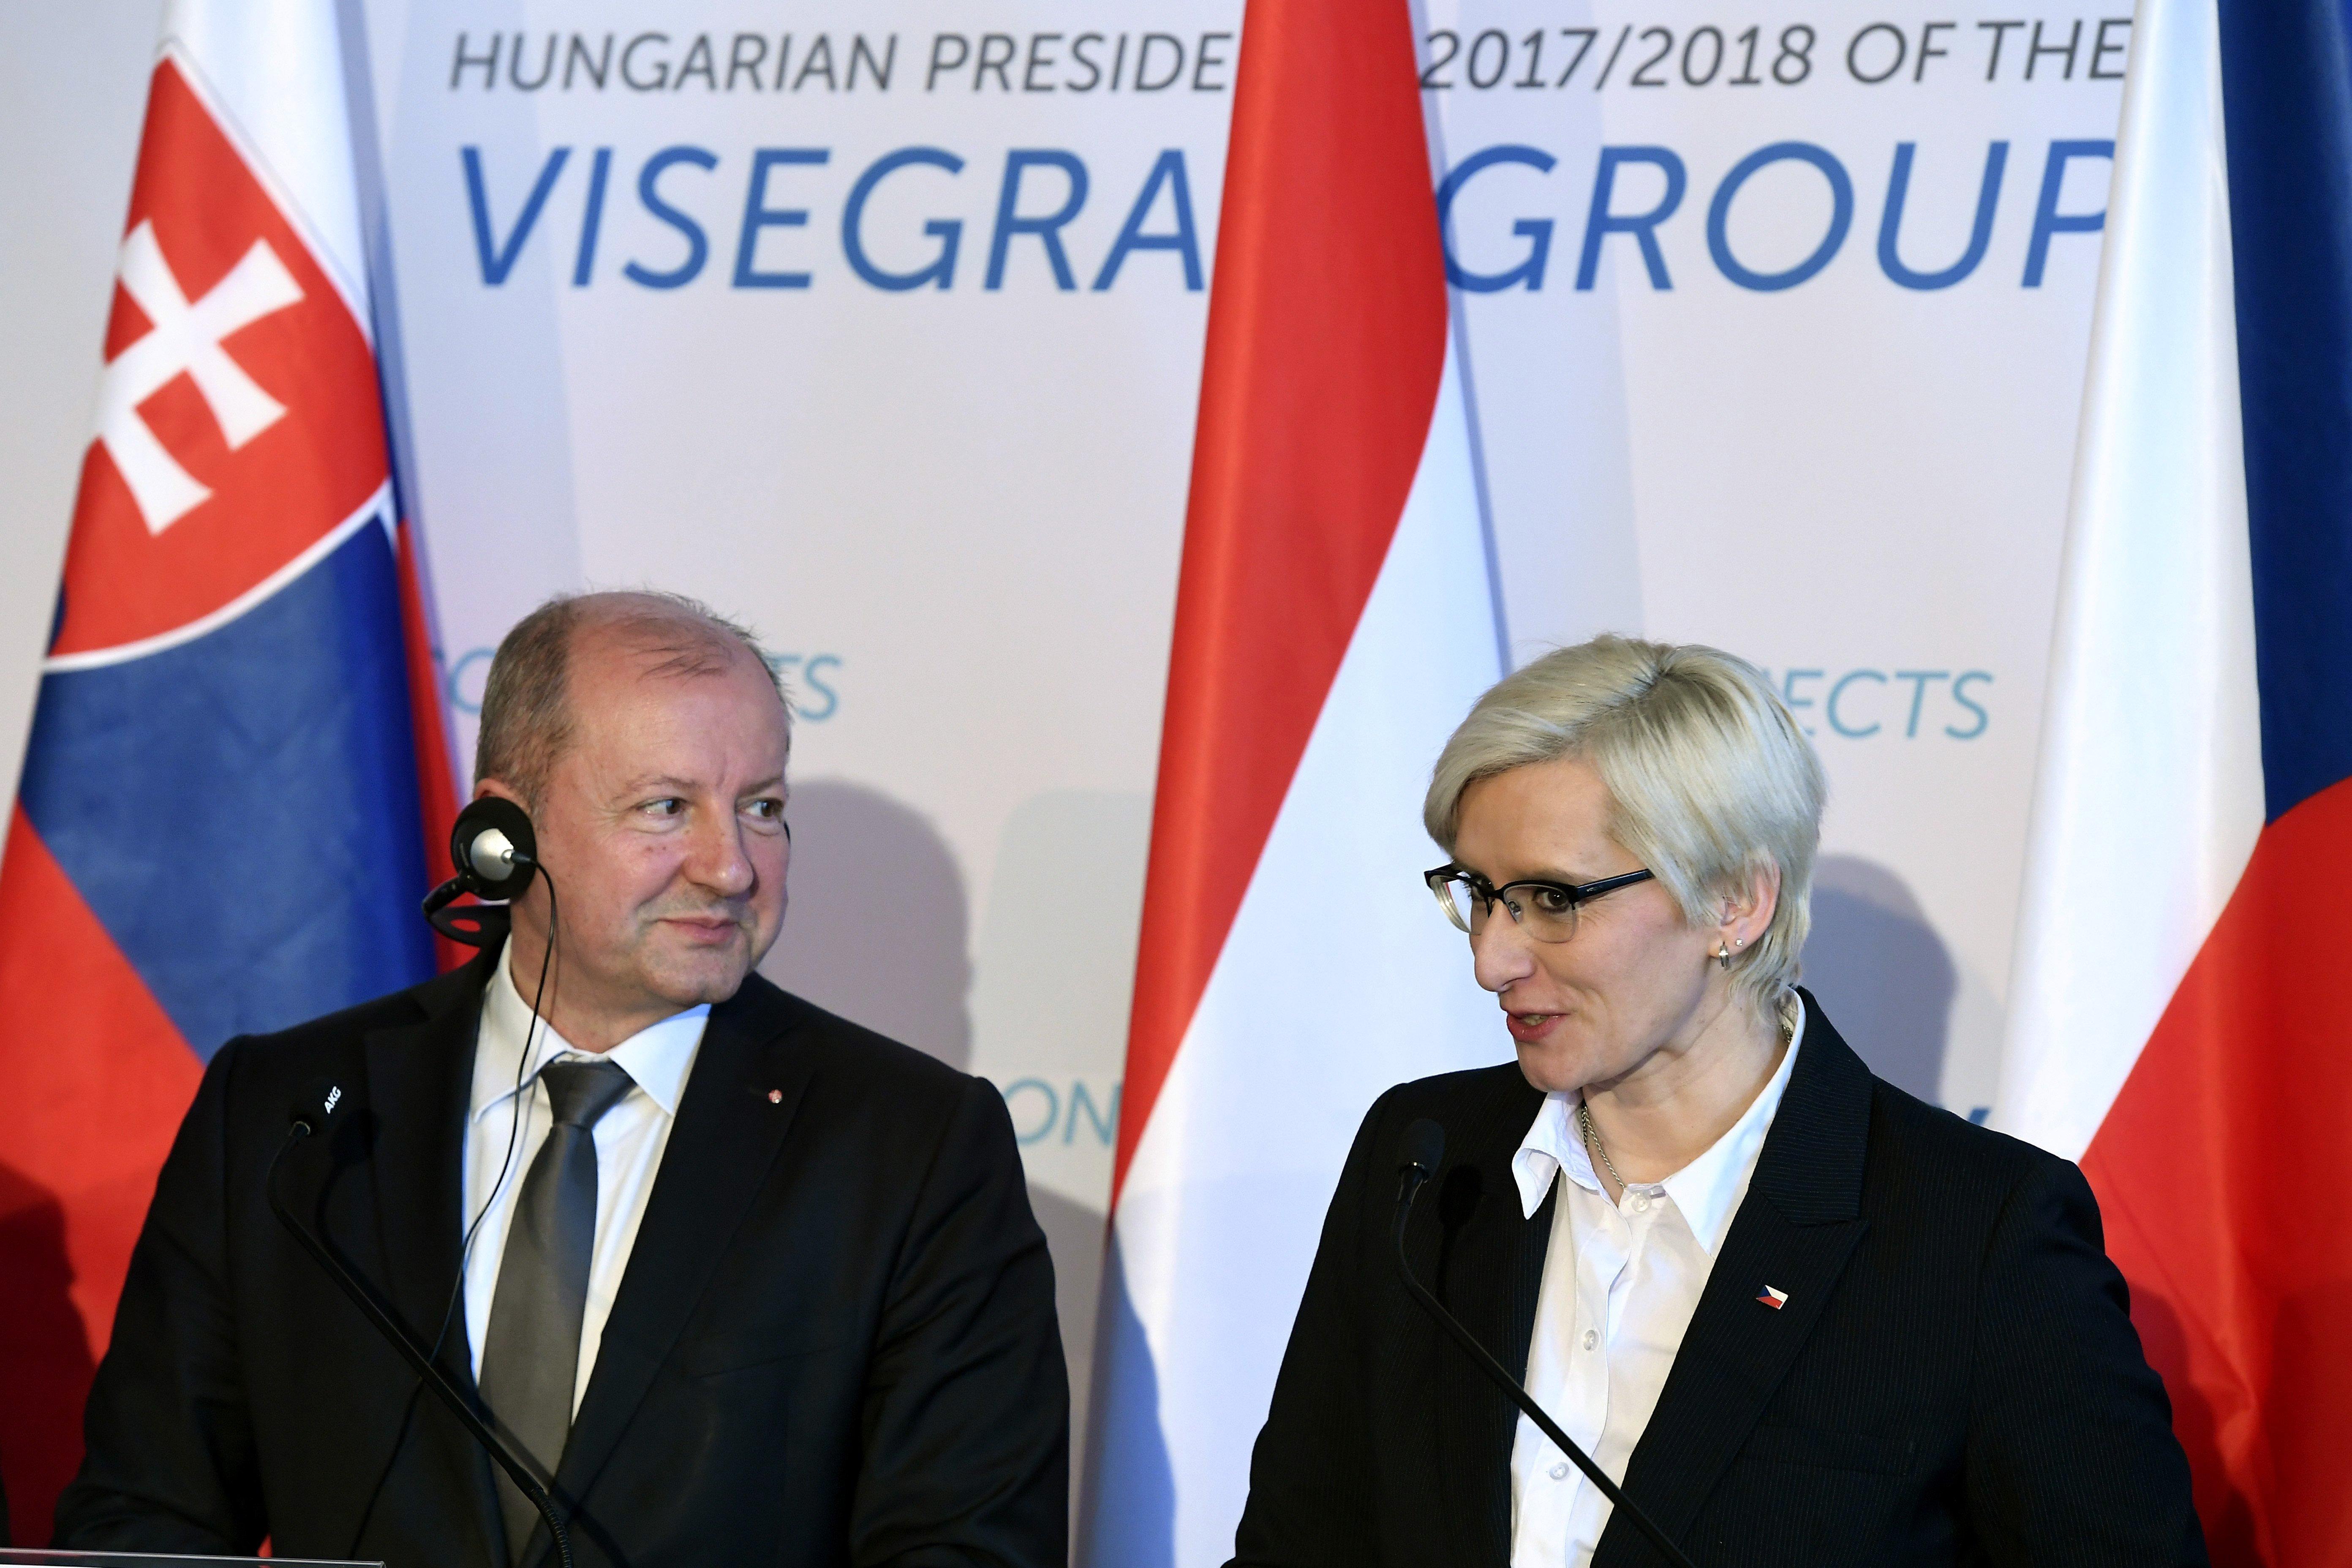 200 ezer kézi lőfegyvert gyárt le Magyarország